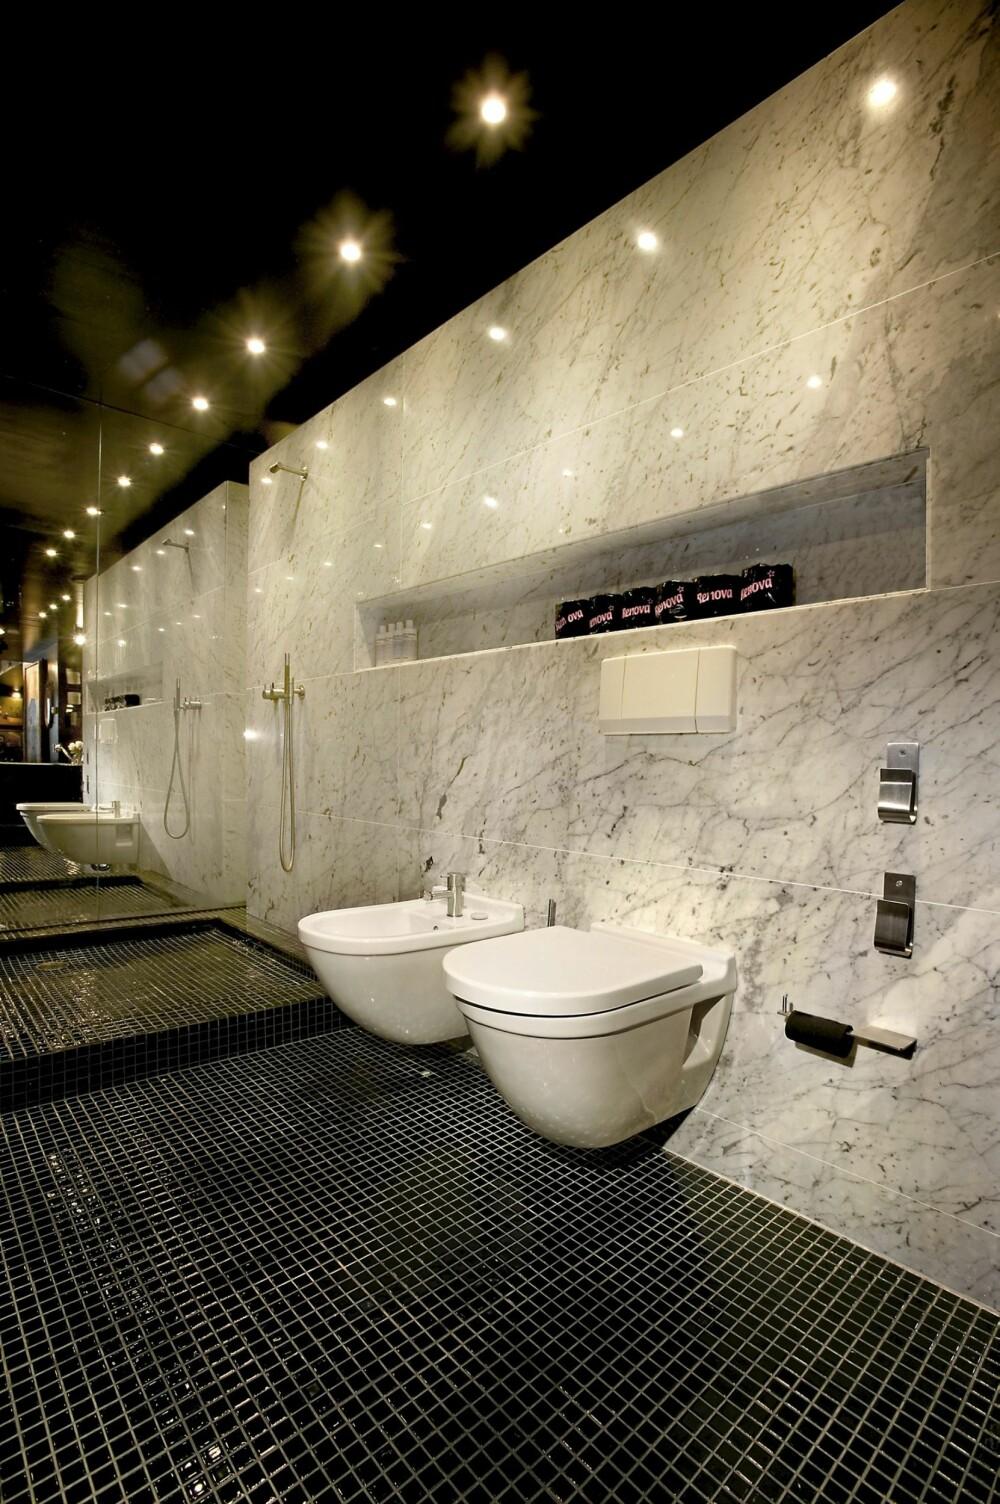 LUKSUS: En marmorvegg på badet gir en følelse av luksus.